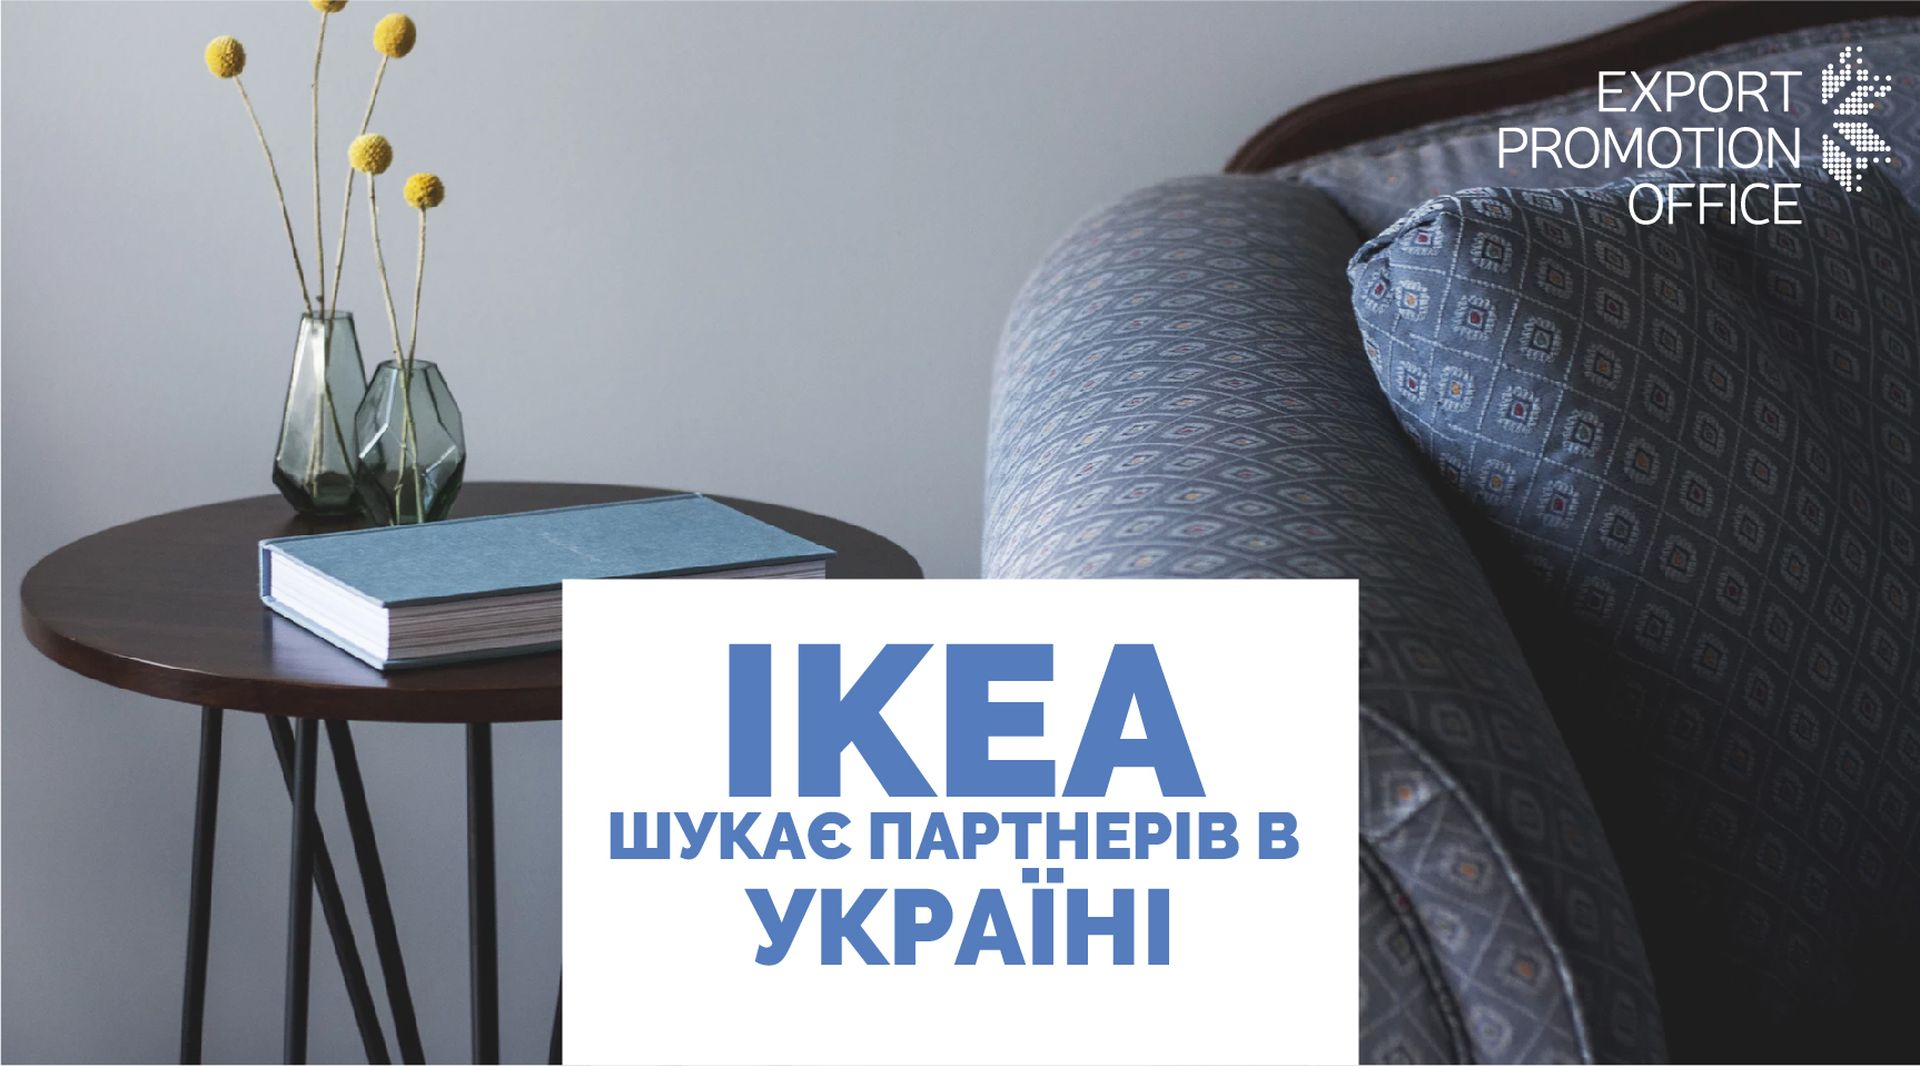 Компанія ІКЕА шукає українських виробників для співпраці